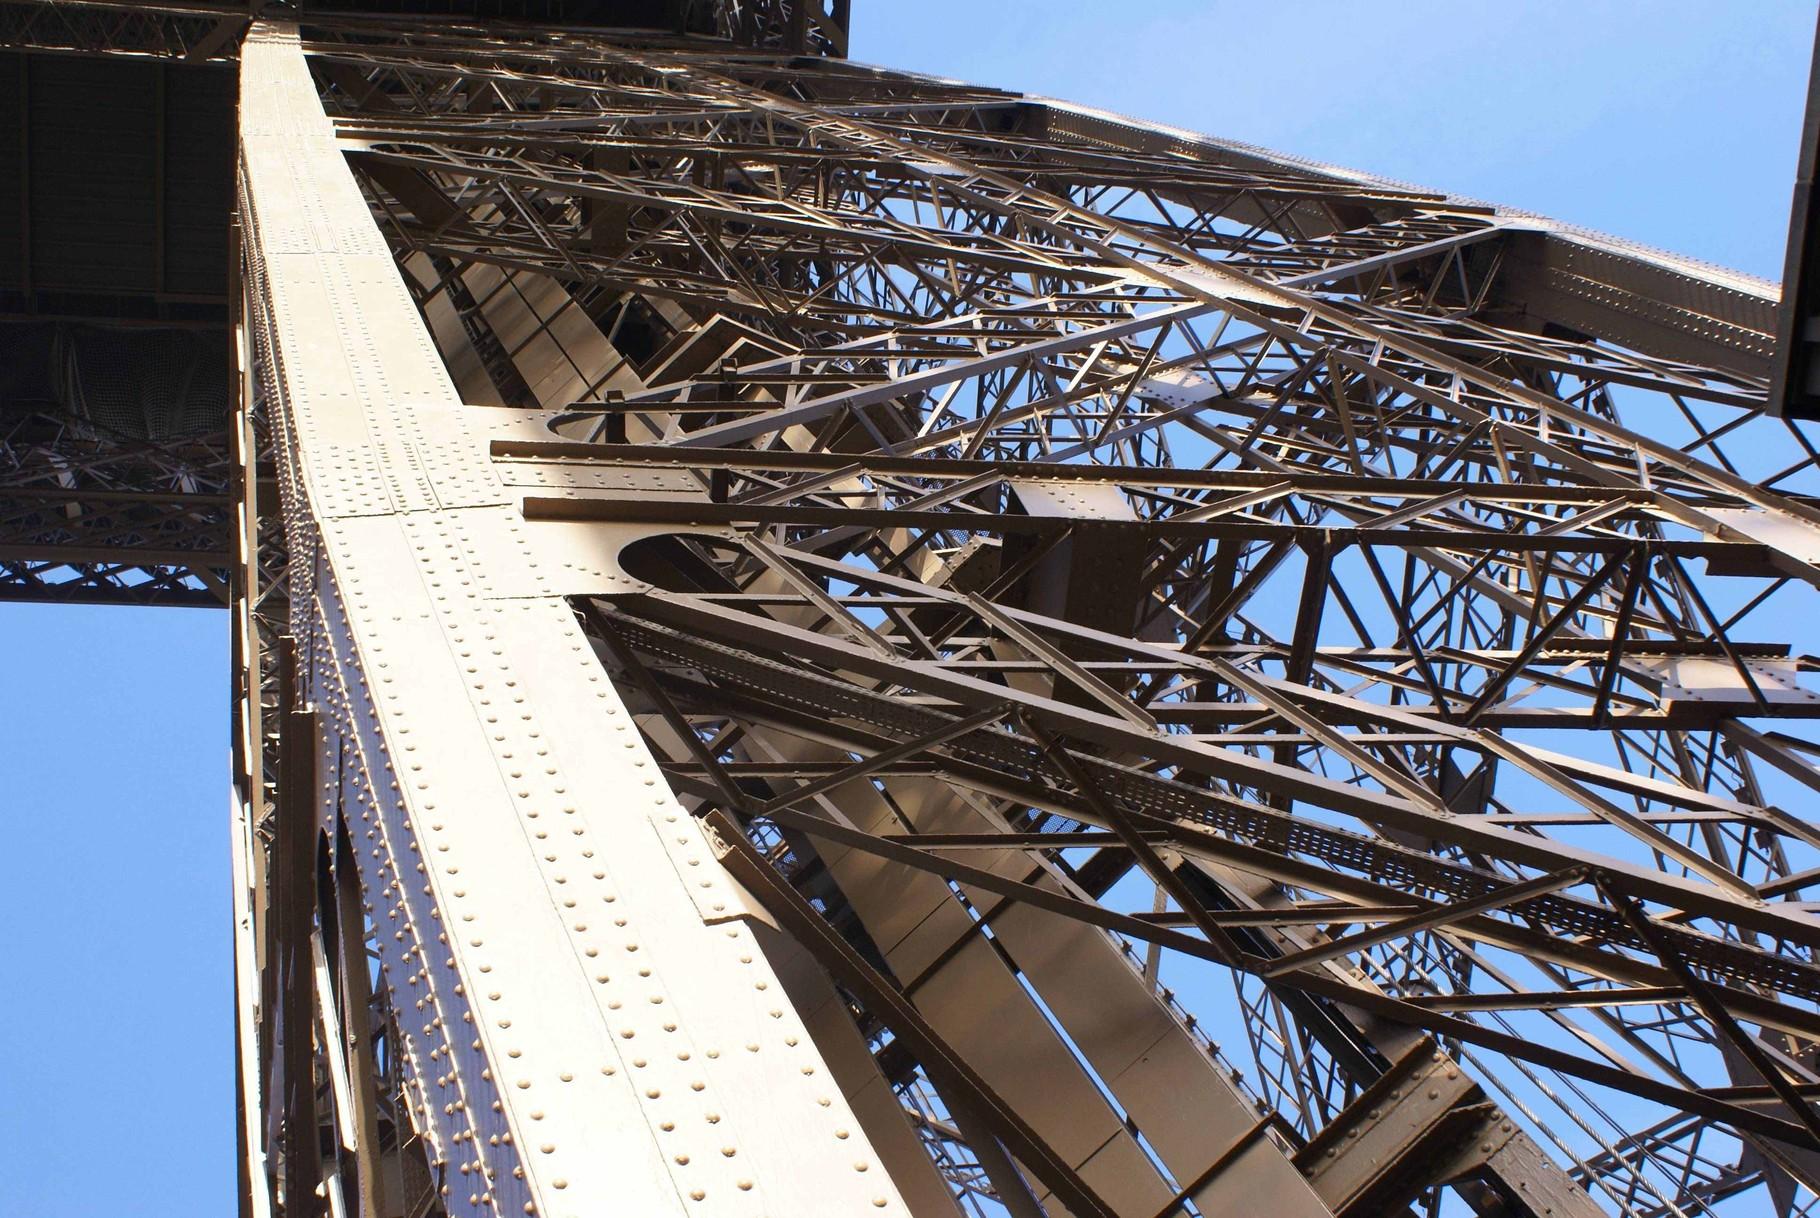 Paris - Ausschnitt eines Pfeilers des Eiffelturms